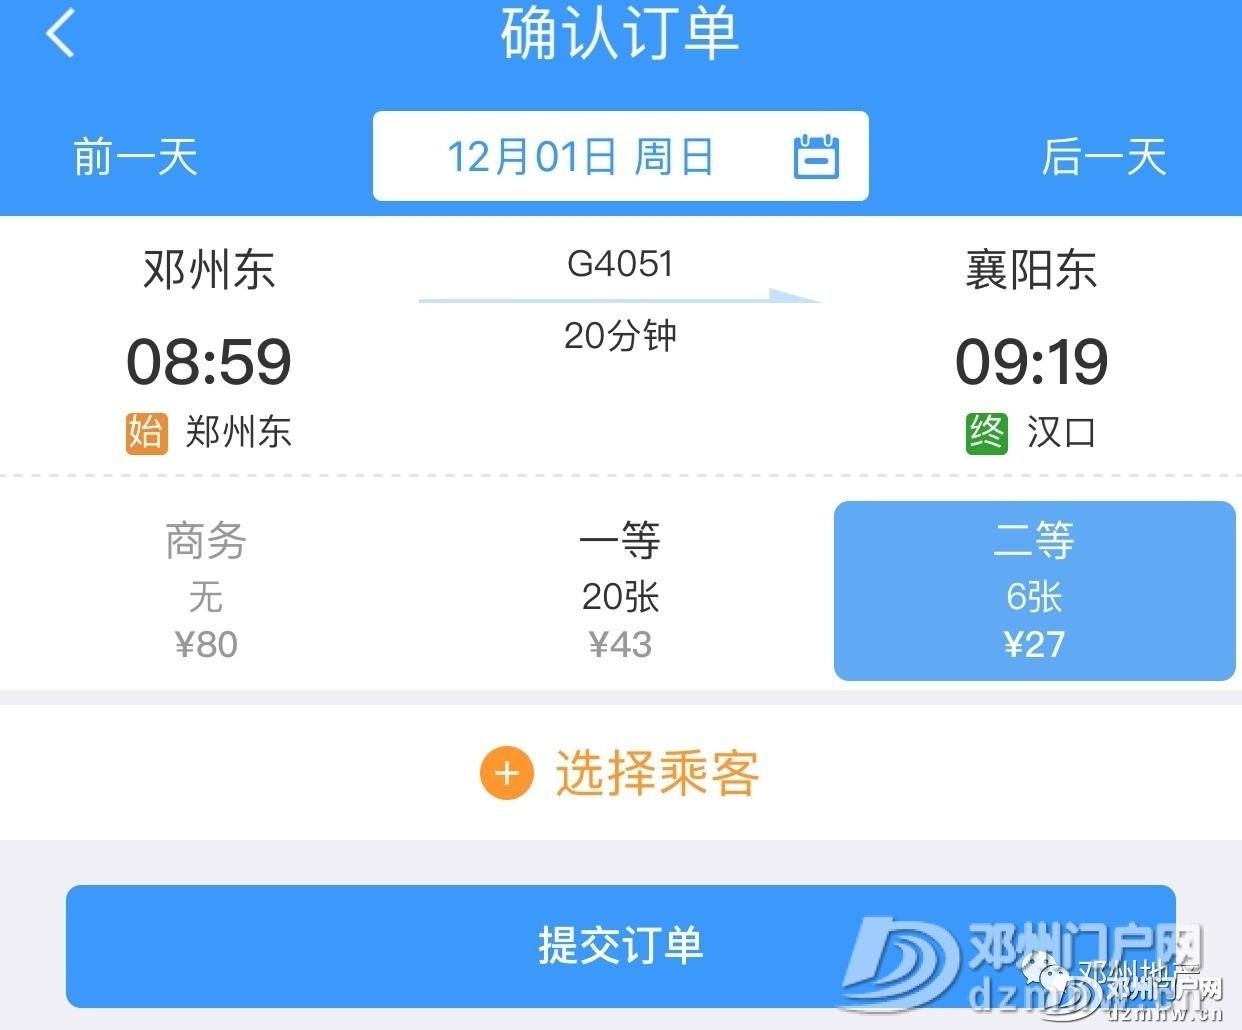 邓州高铁通往北上广深杭津成等城市票价和时刻表来了 - 邓州门户网 邓州网 - 93f184ef60c324e991a96eabe585f6d2.jpg